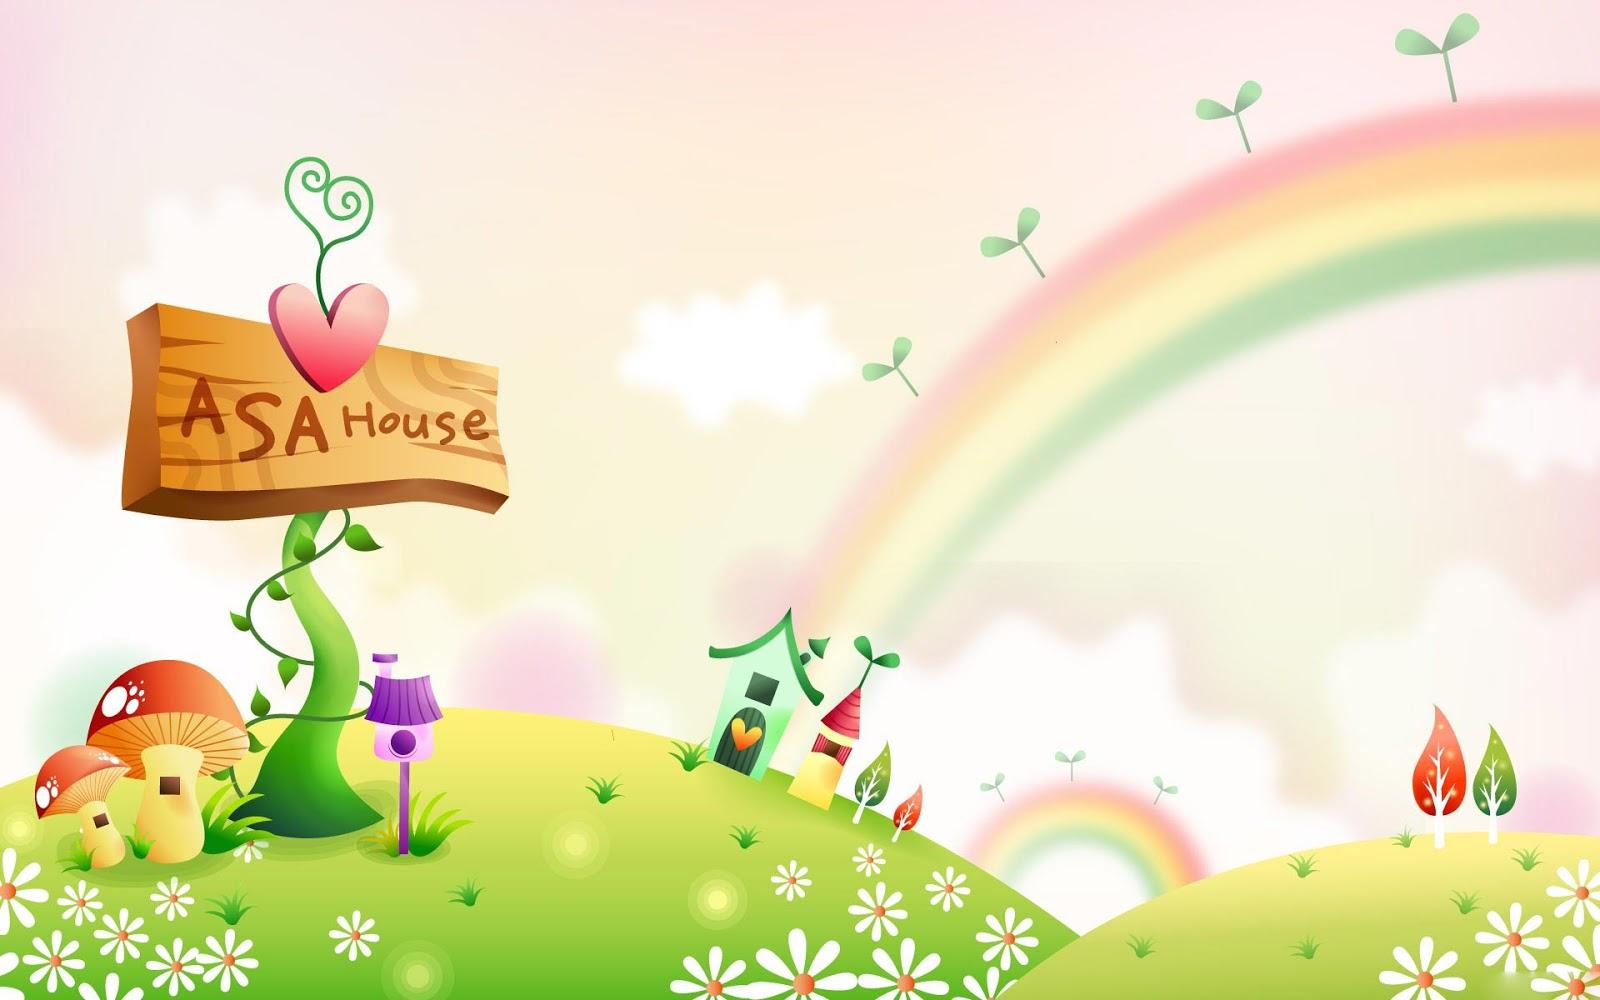 Cute Cartoon Backgrounds Free Download: Giro Pelo Mundo: Fundo Temático 10